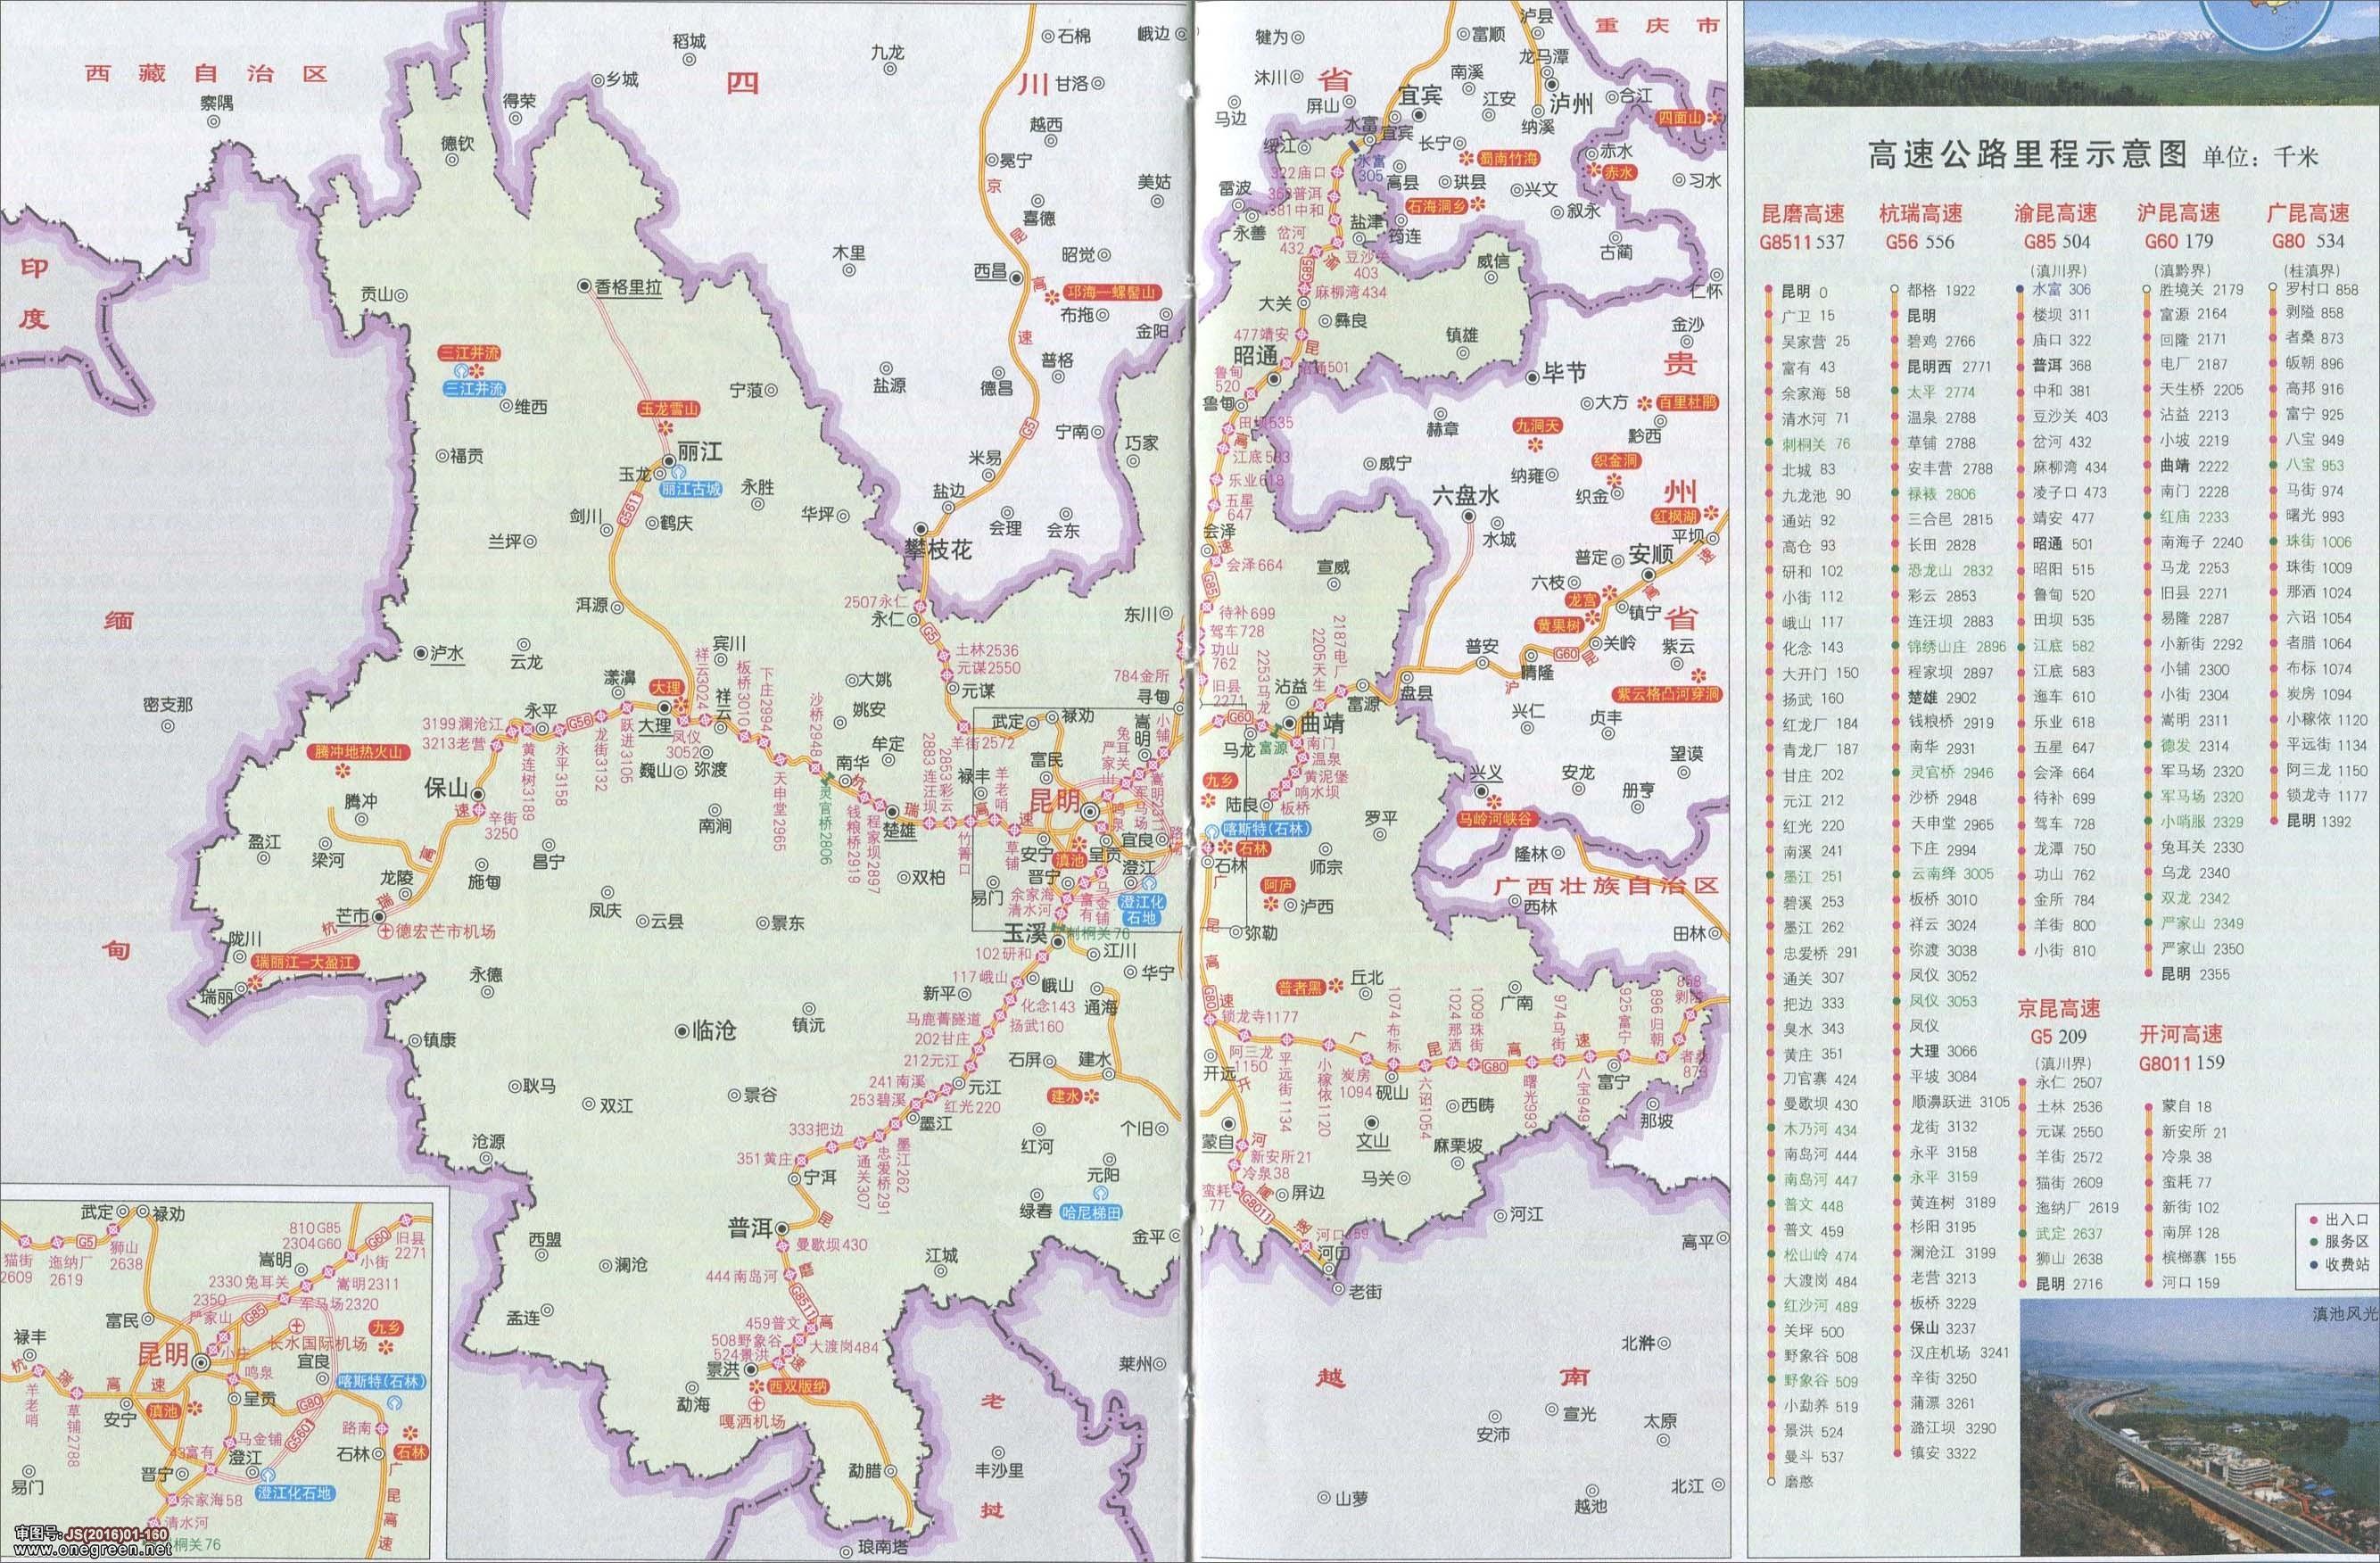 云南高速公路地图